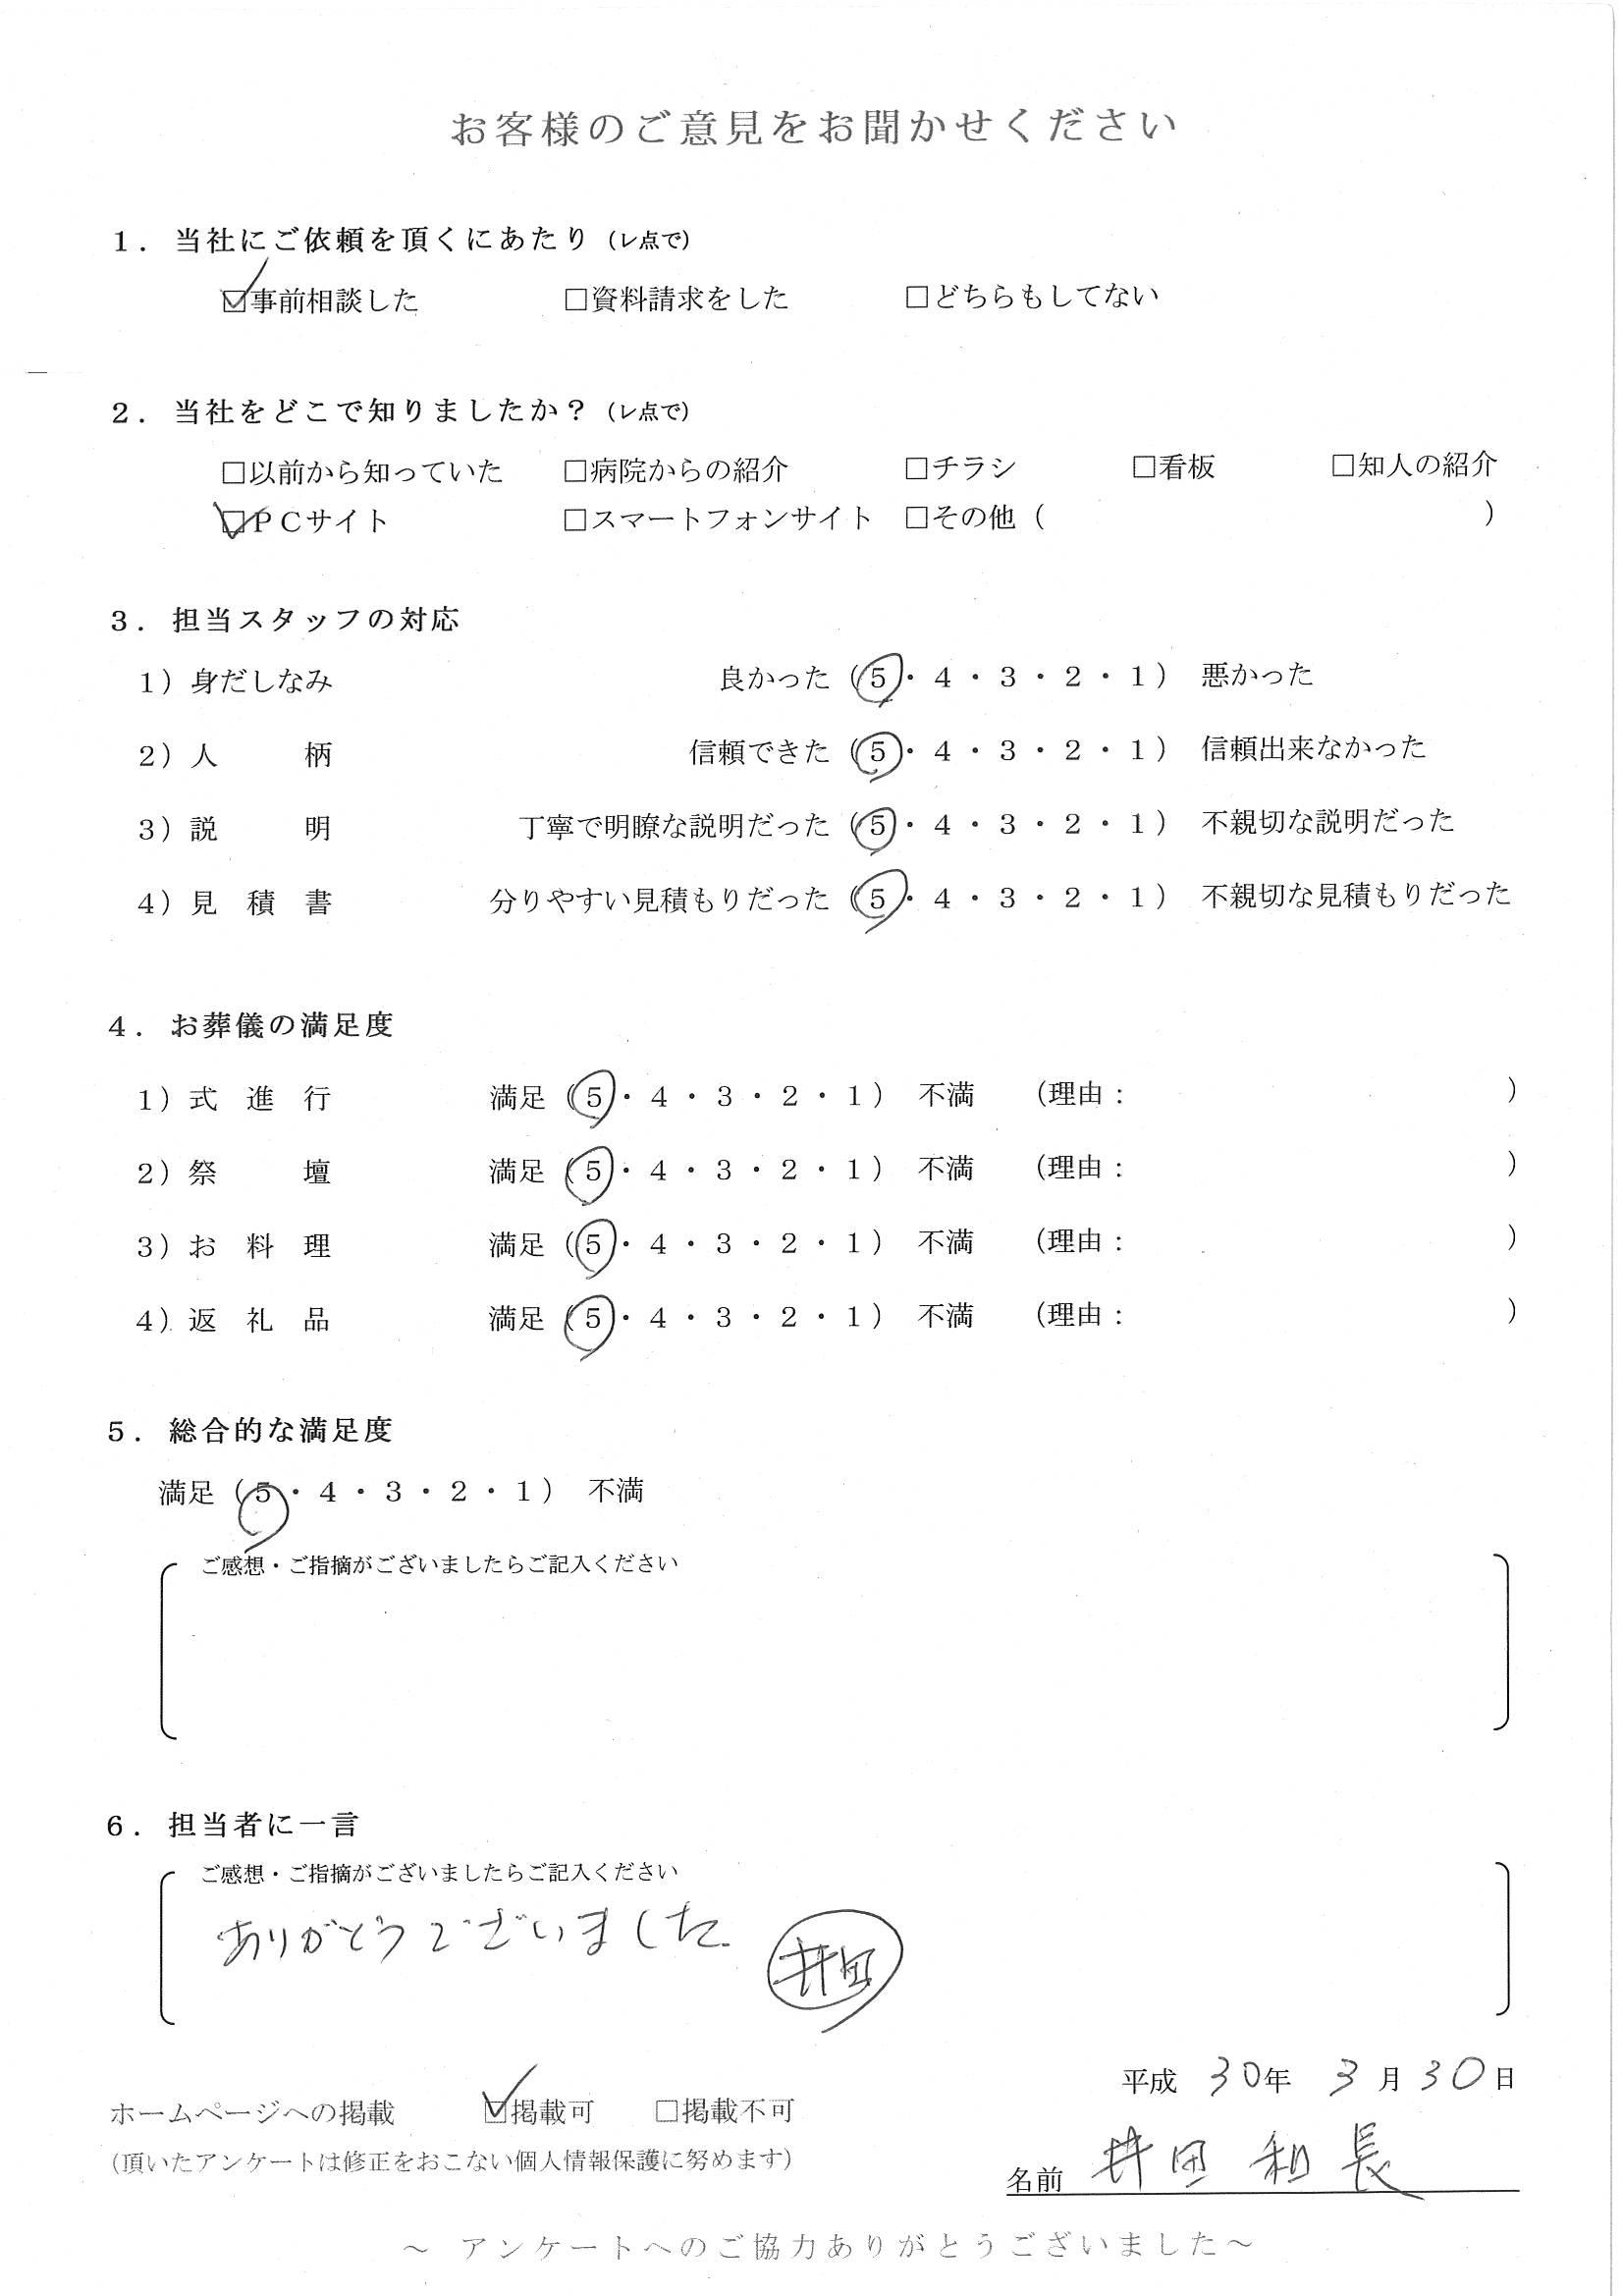 2018.03.30 町田市 井田様